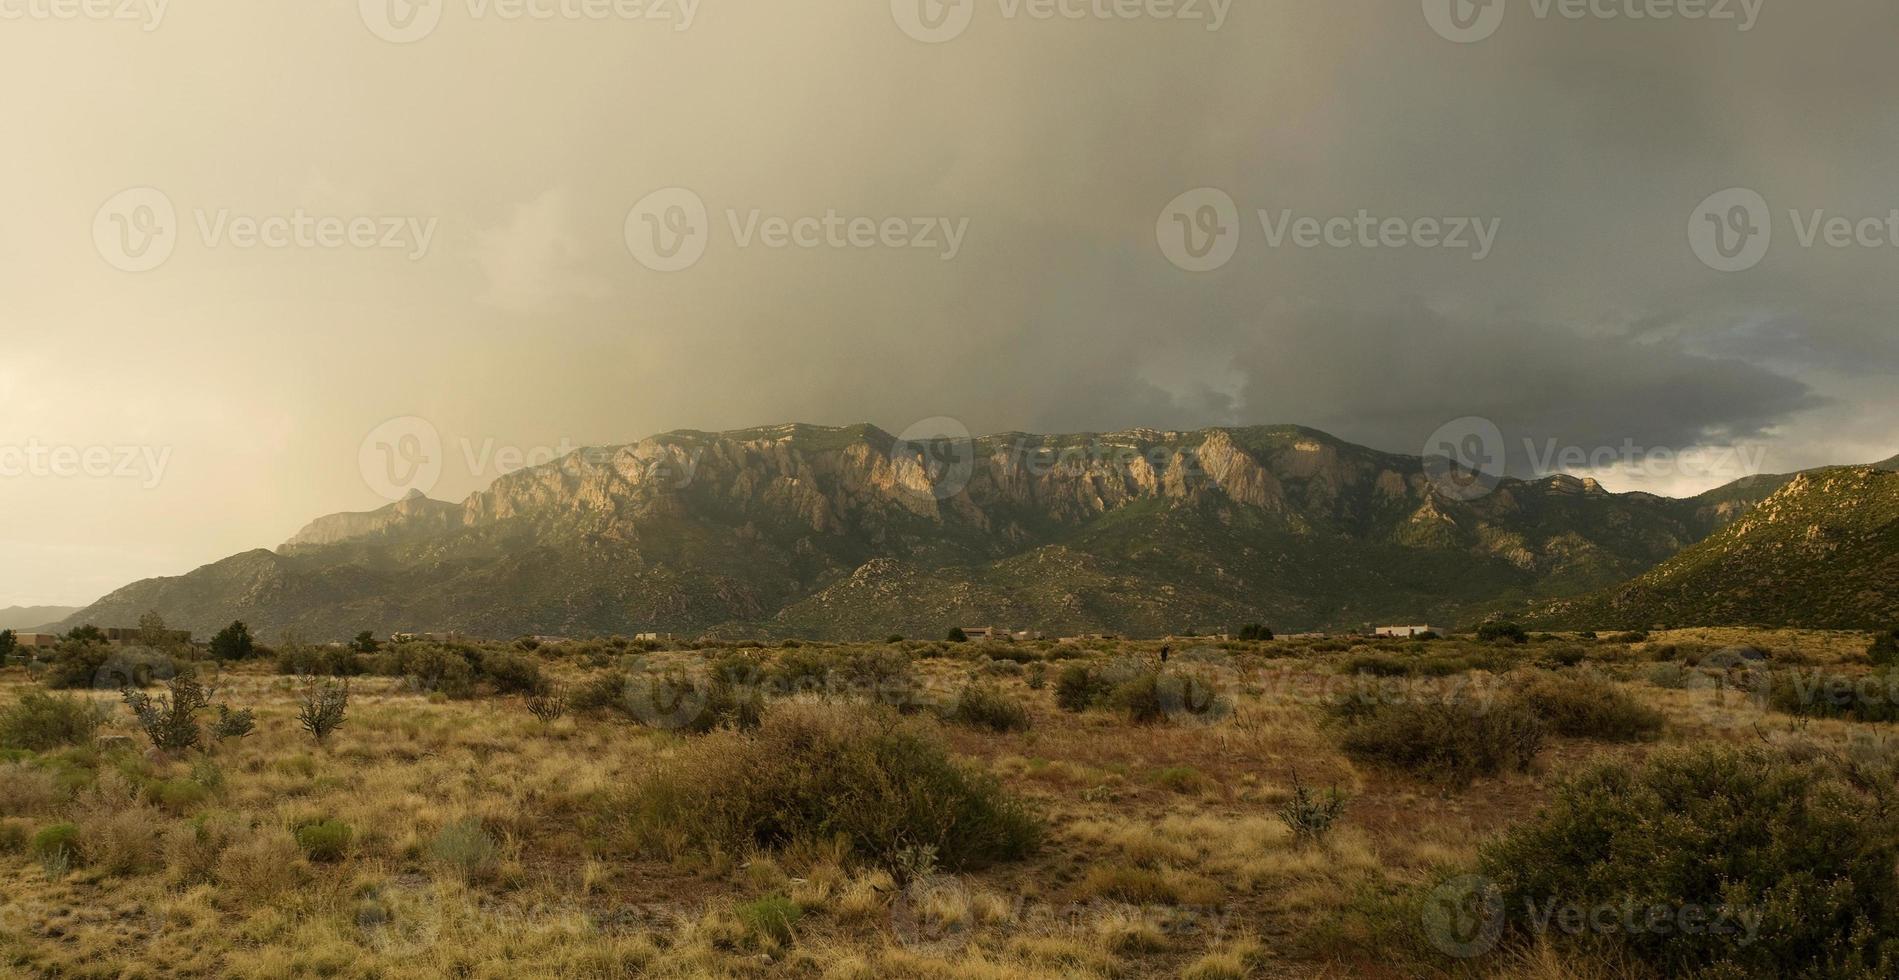 montagne dorate di sandia foto